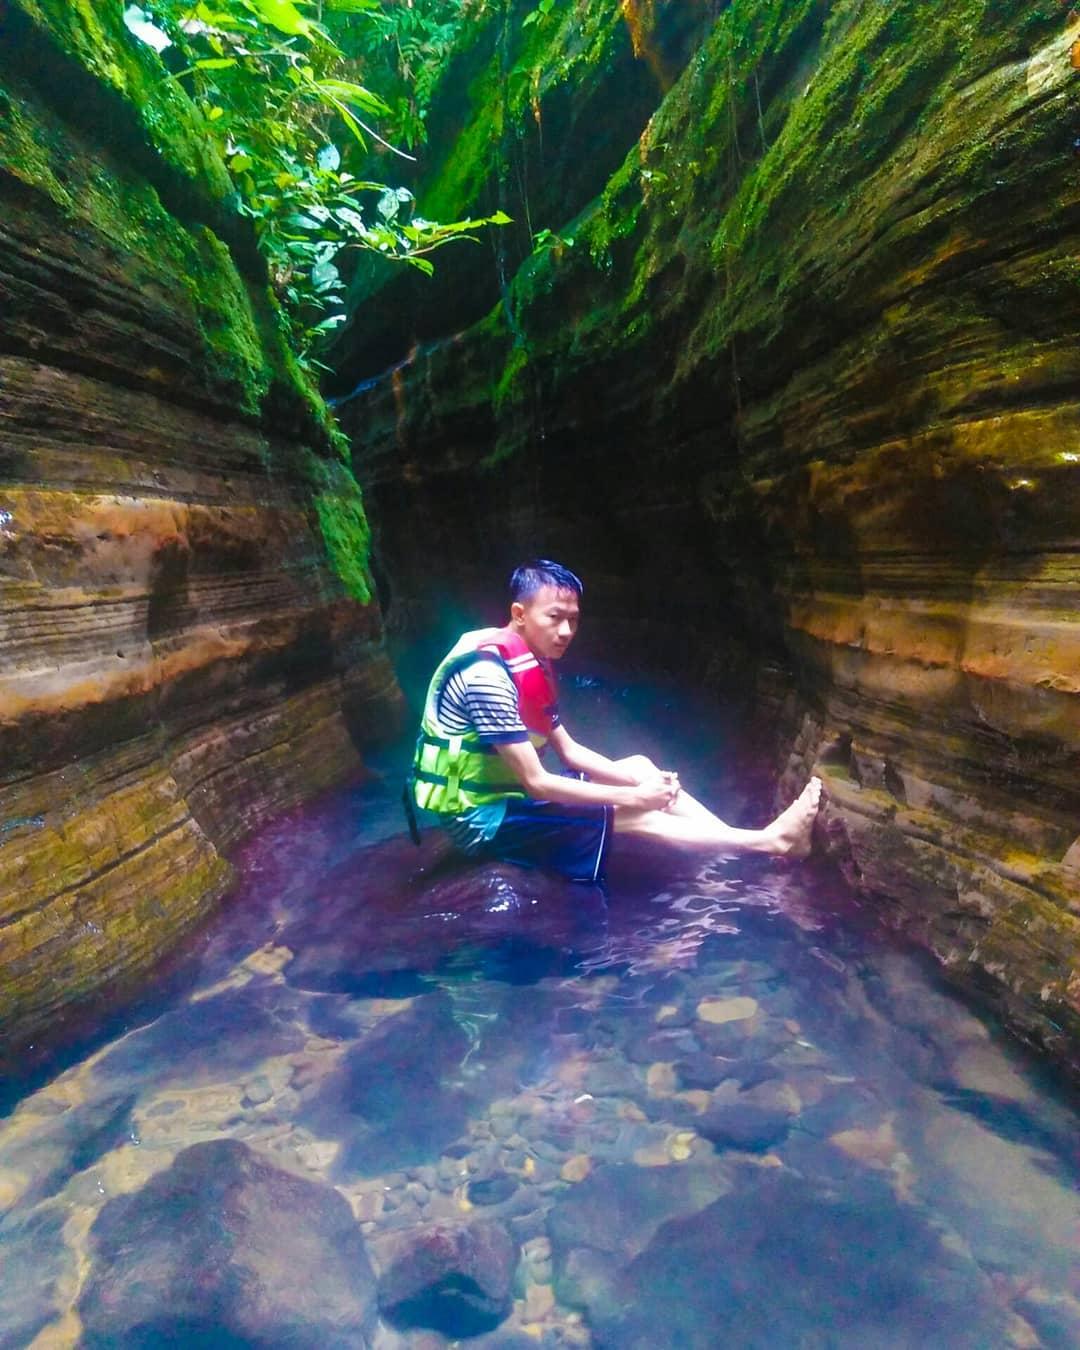 menikmati segarnya air sungai yang jernih di wisata curug putri tahura banten